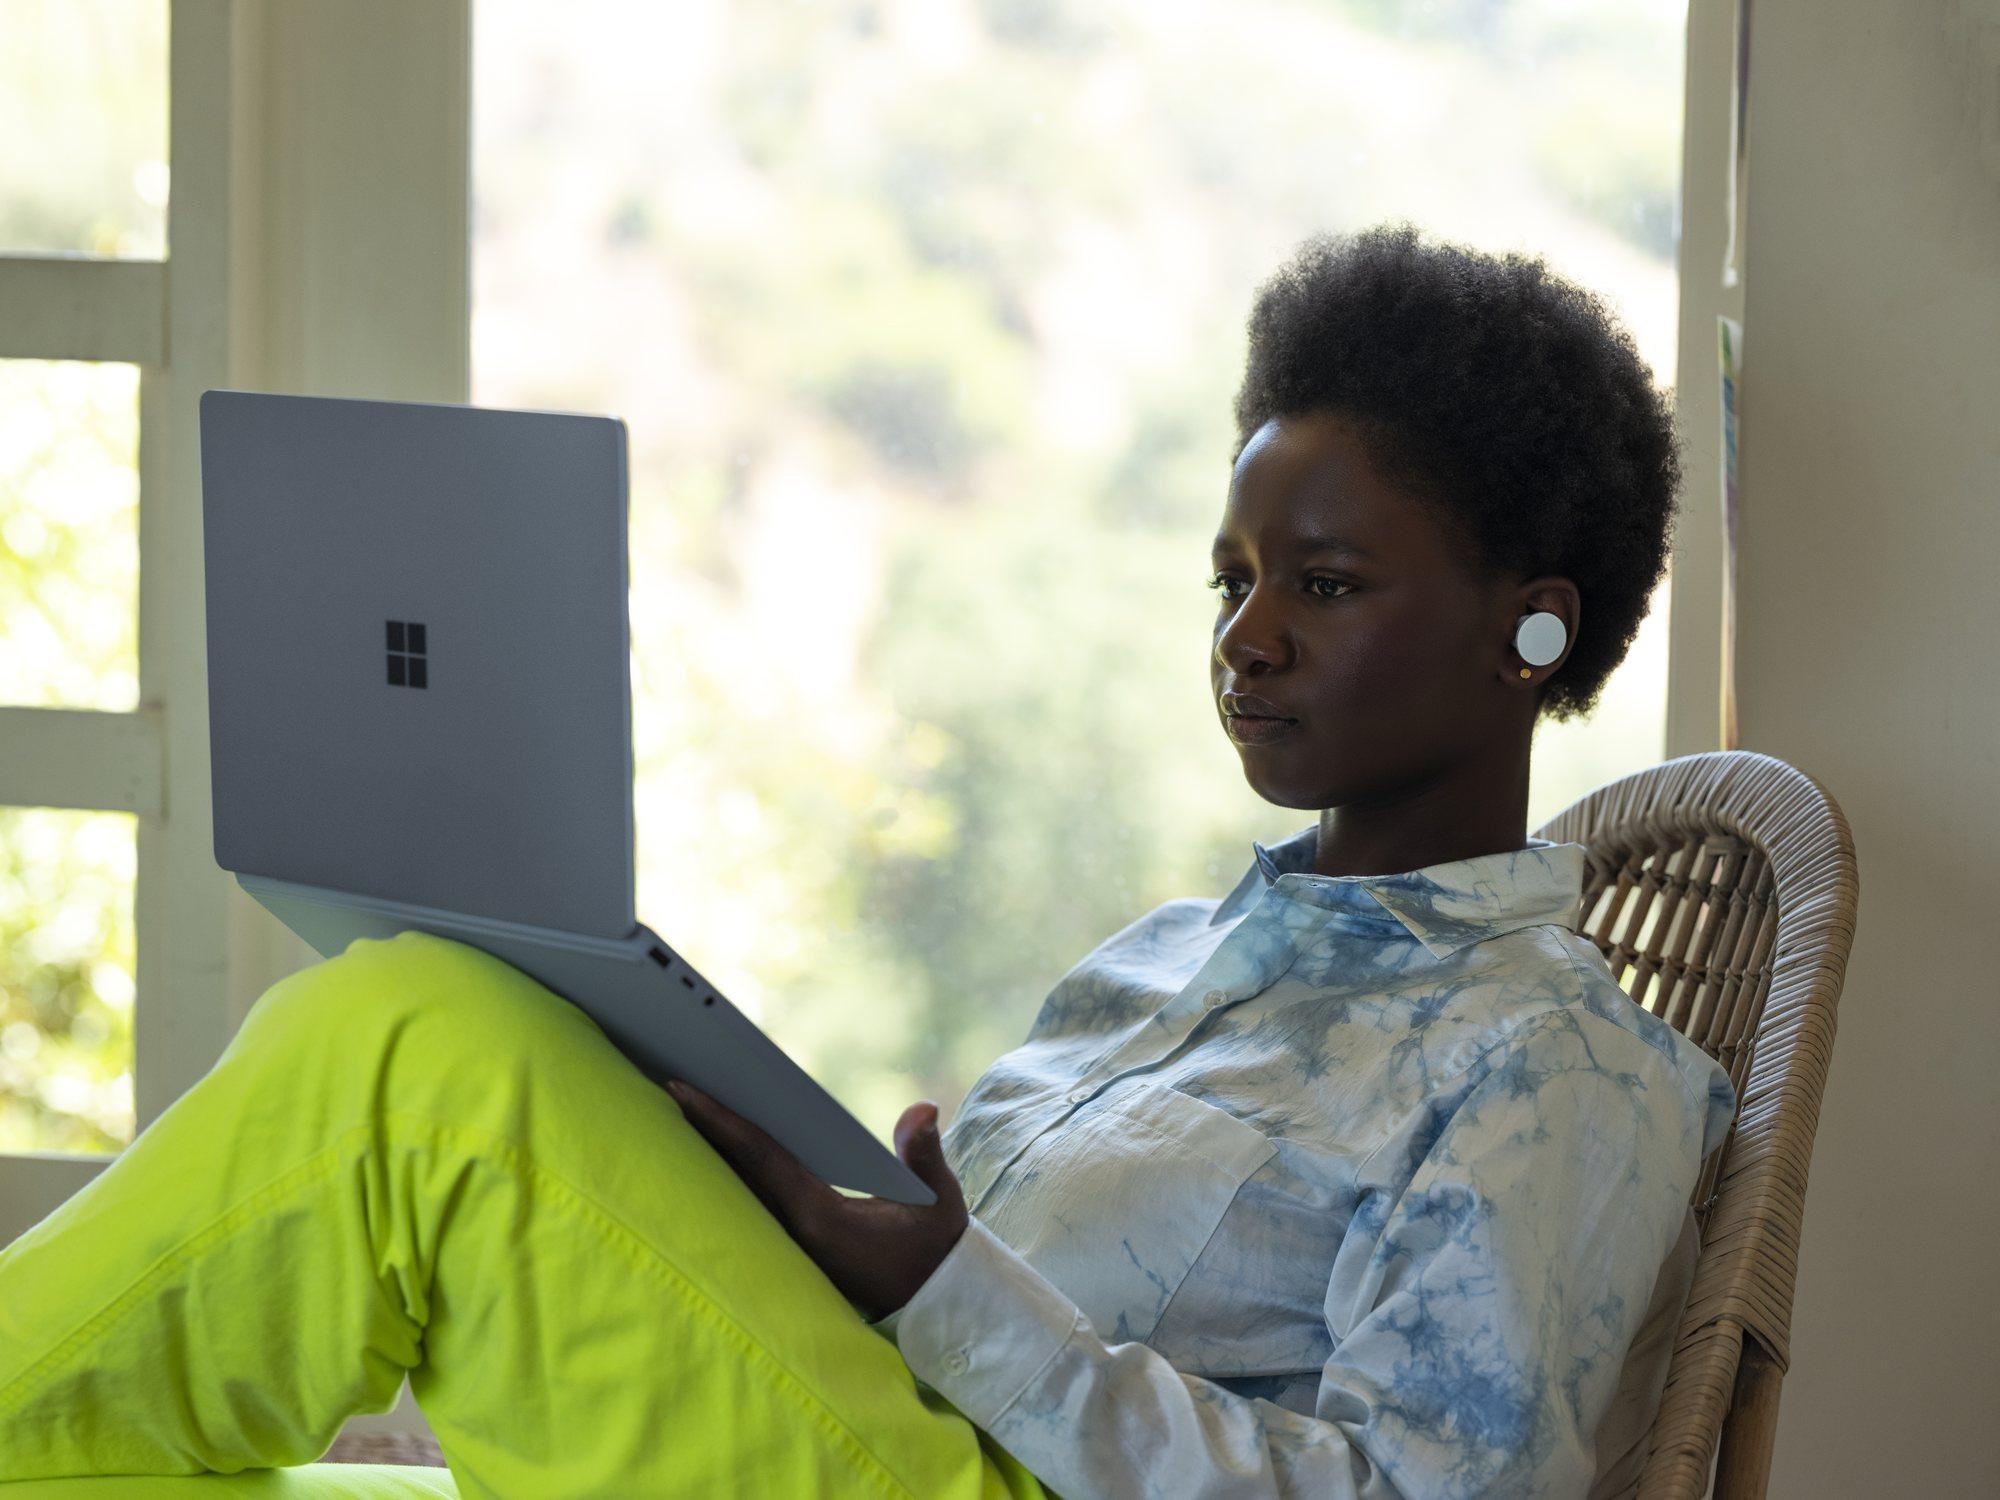 Quels sont les critères essentiels à prendre en compte pour l'achat d'un PC portable pour étudiant?